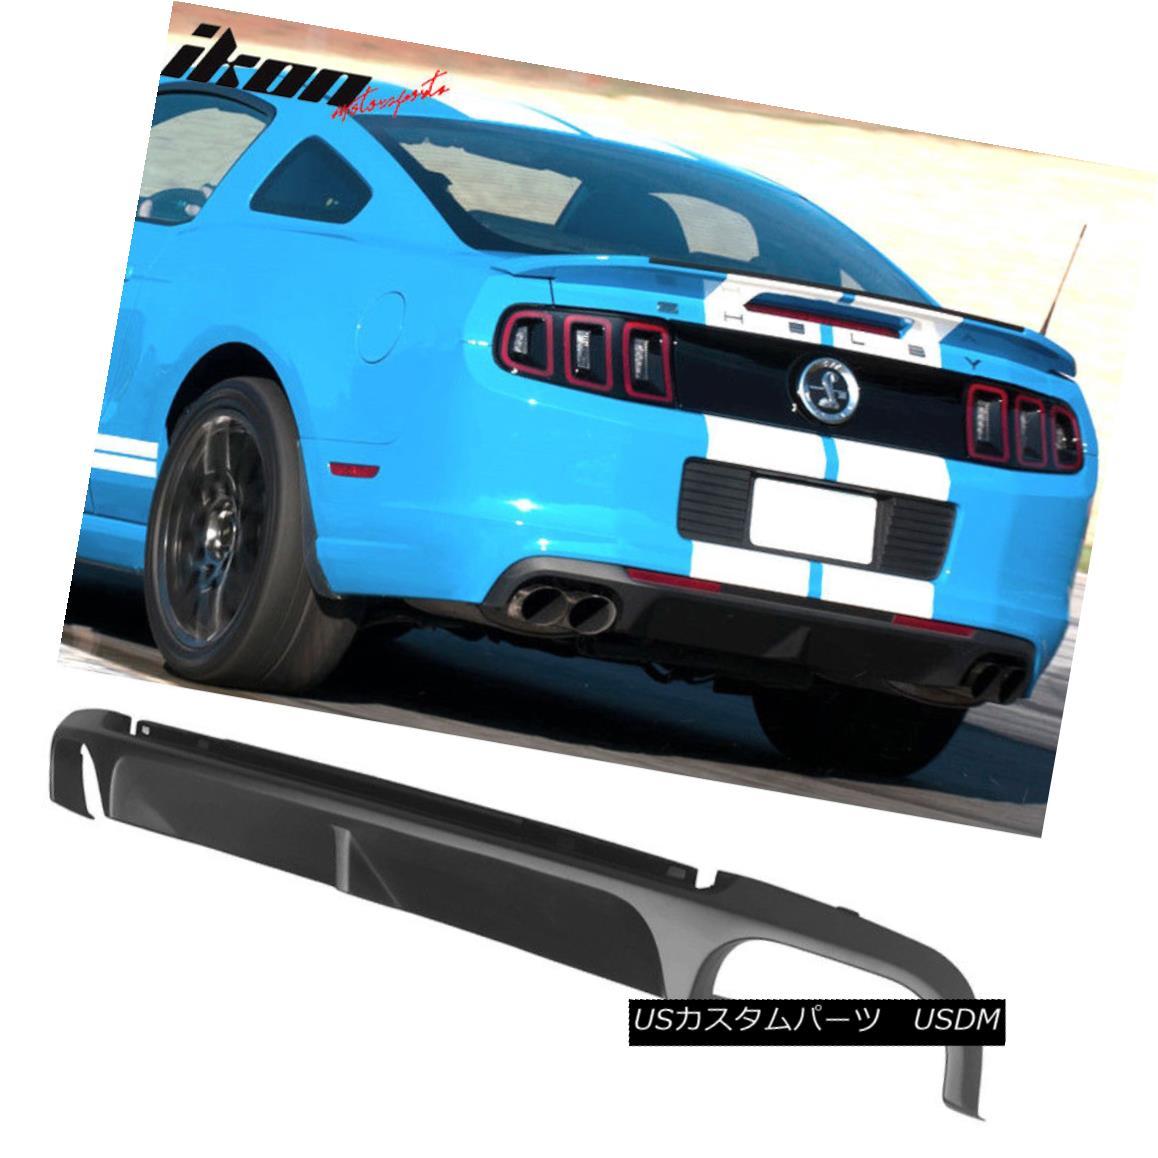 エアロパーツ Fits 13-14 Ford Mustang Shelby GT500 Super Snake Rear Bumper Diffuser - PP 13-14 Ford Mustang Shelby GT500スーパースネークリアバンパーディフューザー - PP